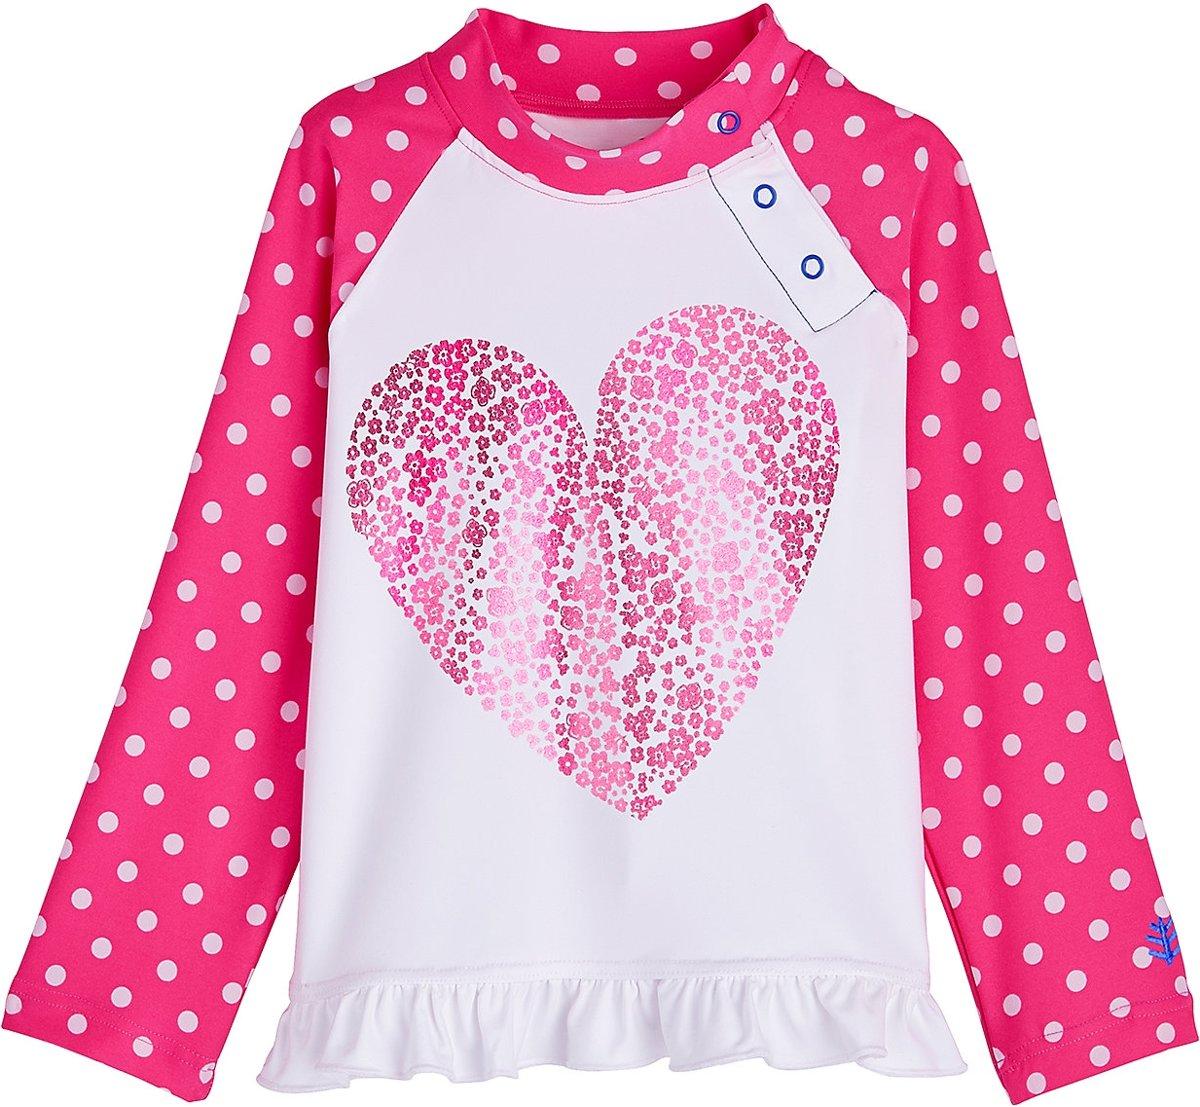 20f9c7c97cf160 bol.com | Coolibar UV zwemshirt Baby's & Peuters Floral Heart - Roze - Maat  2 jaar